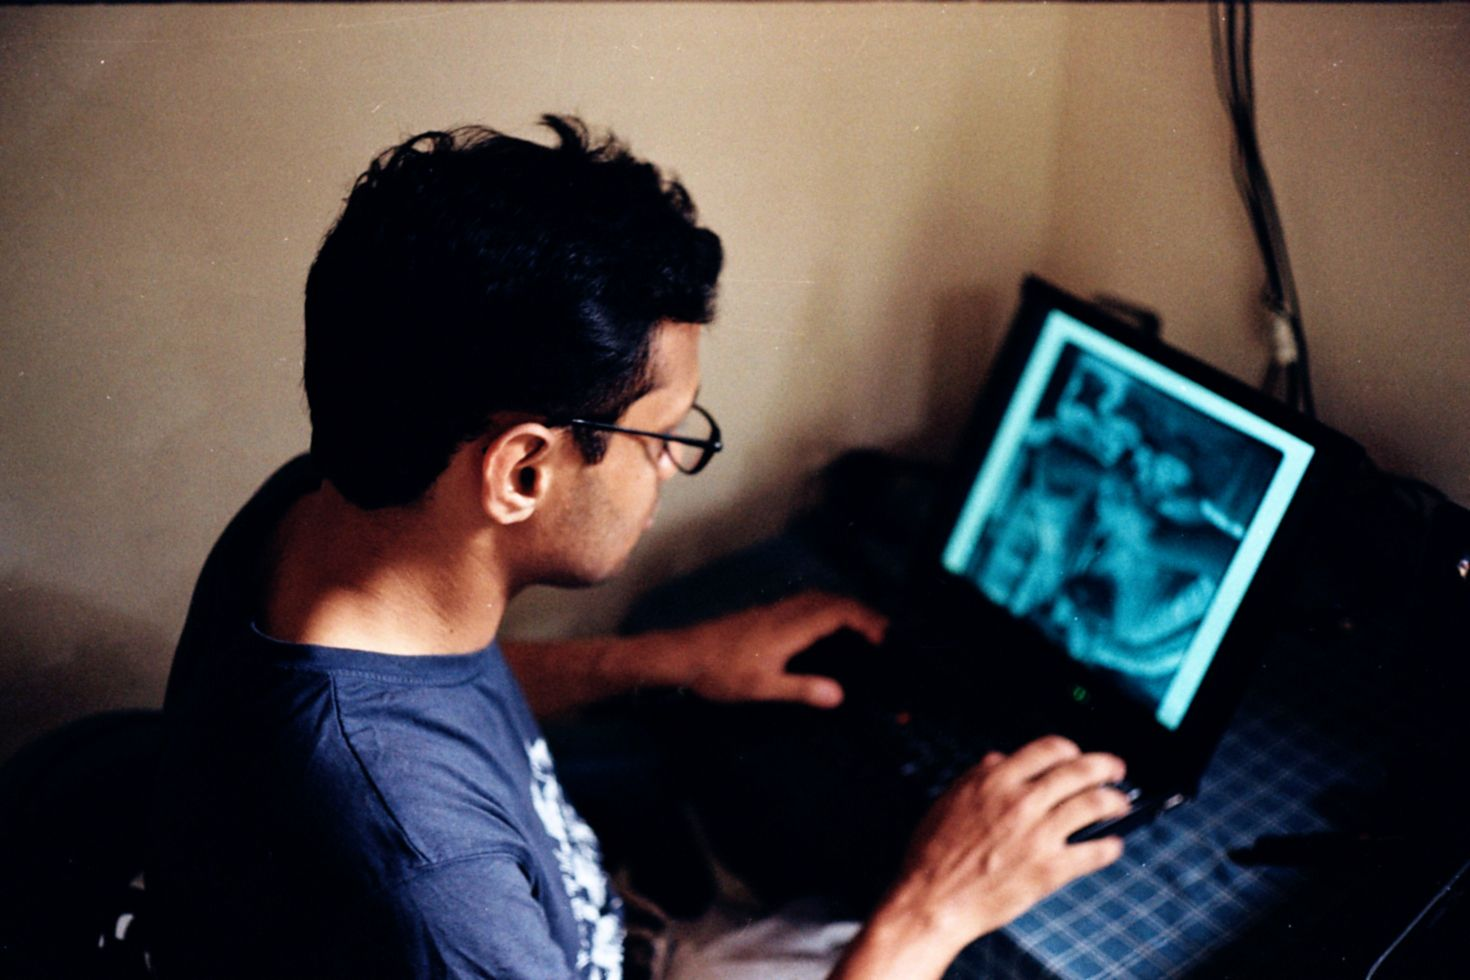 Les adolescents consultent de plus en plus des sites pornographiques